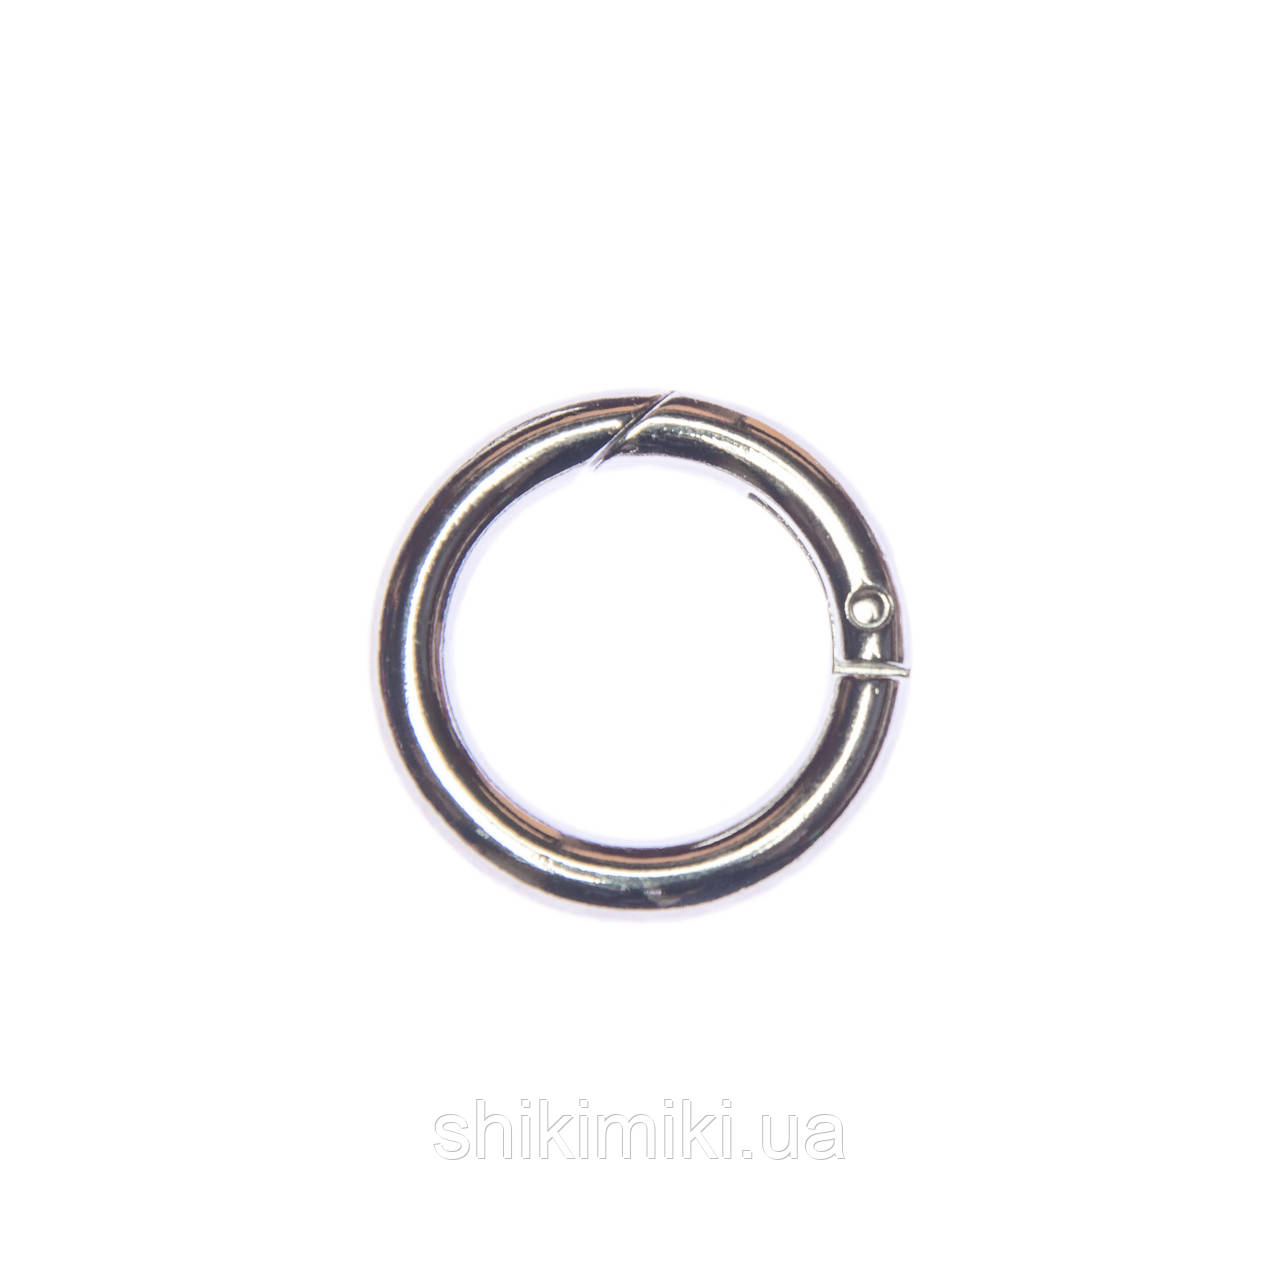 Кольцо-карабин KK01-1 (25 мм), цвет никель